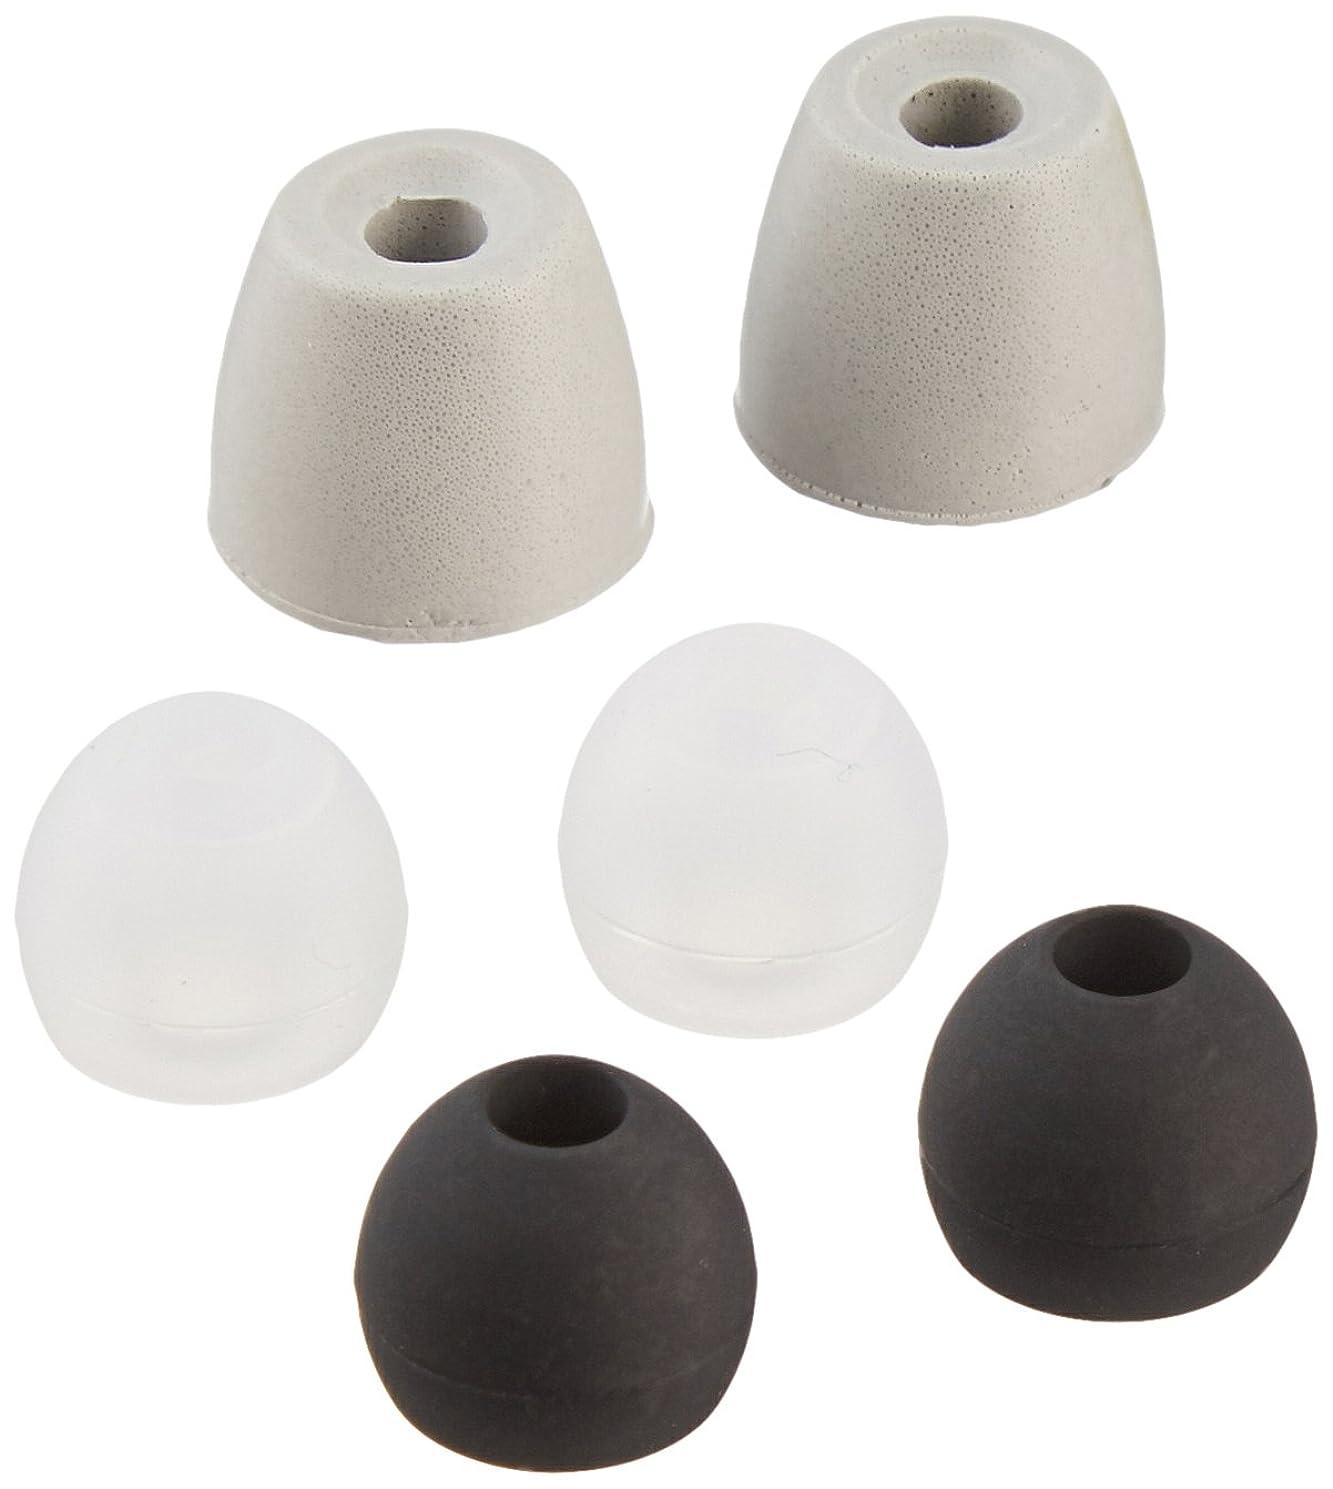 Earphones Plus brand 135-B-6BLK-6CLR-S Replacement earphone cushions, replacement earbud tips, 12 pairs size small + 1 bonus memory foam pair, black and clear